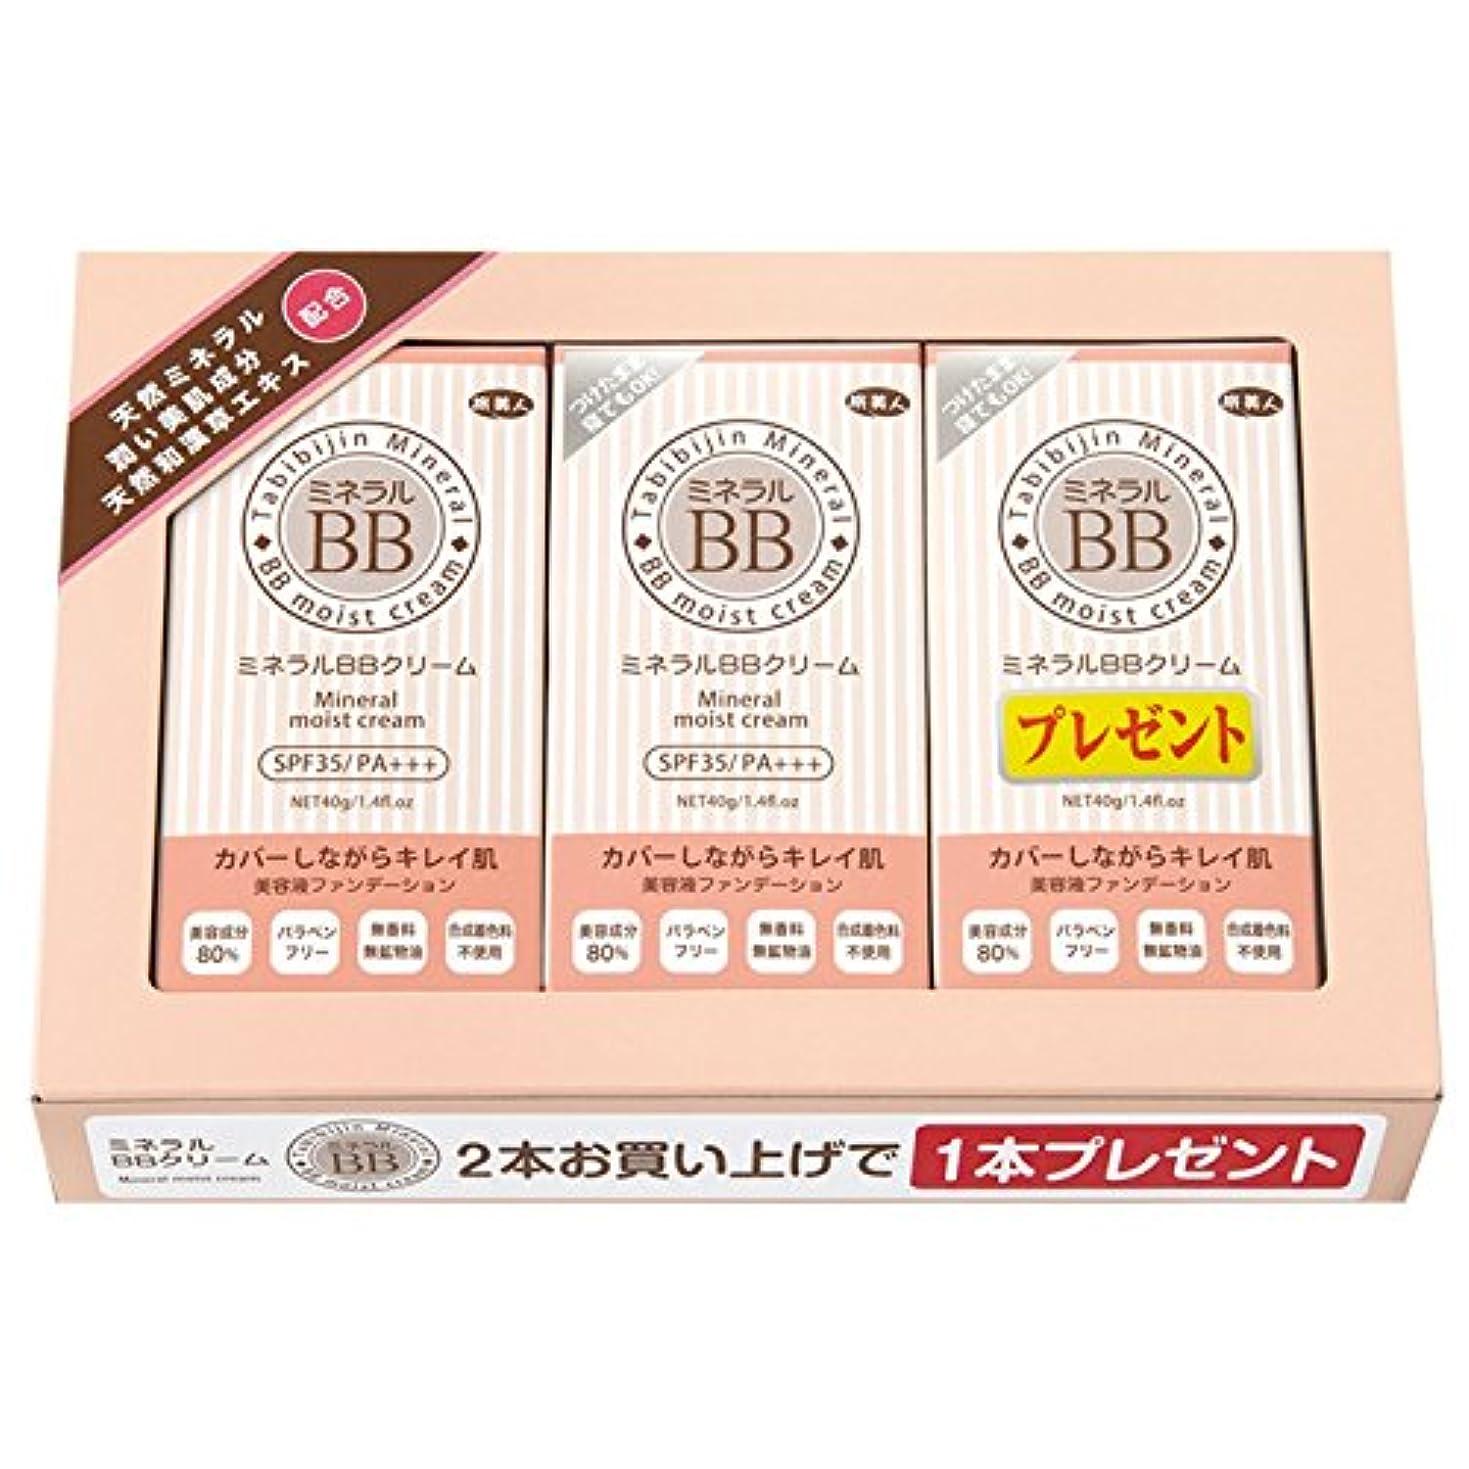 荒れ地ブルームムスアズマ商事の ミネラルBBクリーム お得な 2本のお値段で3本入りセット